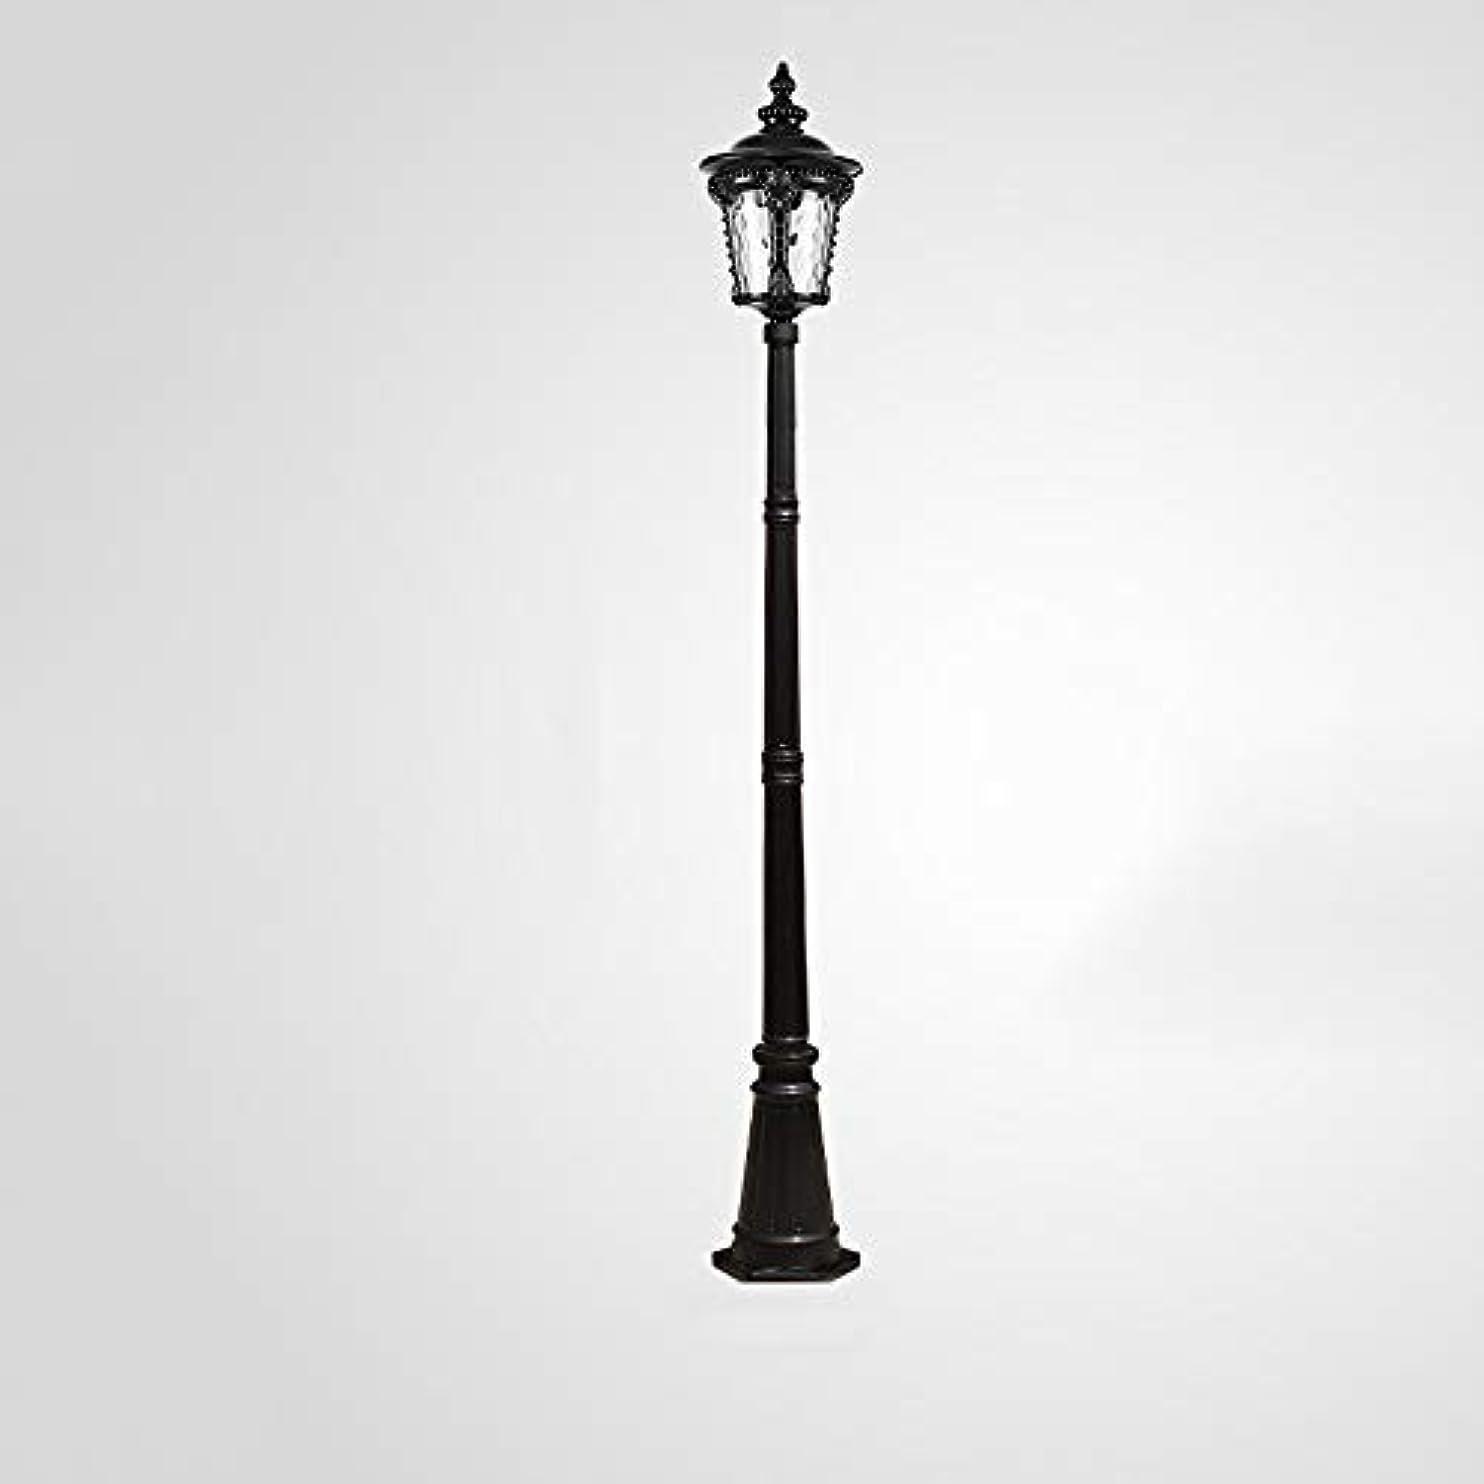 でアルカイックビートPinjeer ヨーロッパヴィンテージe27ガラス単極風景ポストライトアンティーク防水屋外ダイキャストアルミ街路灯芝生コミュニティ道路装飾パスウェイライト柱ランプ (Color : Black, サイズ : Height 3m)